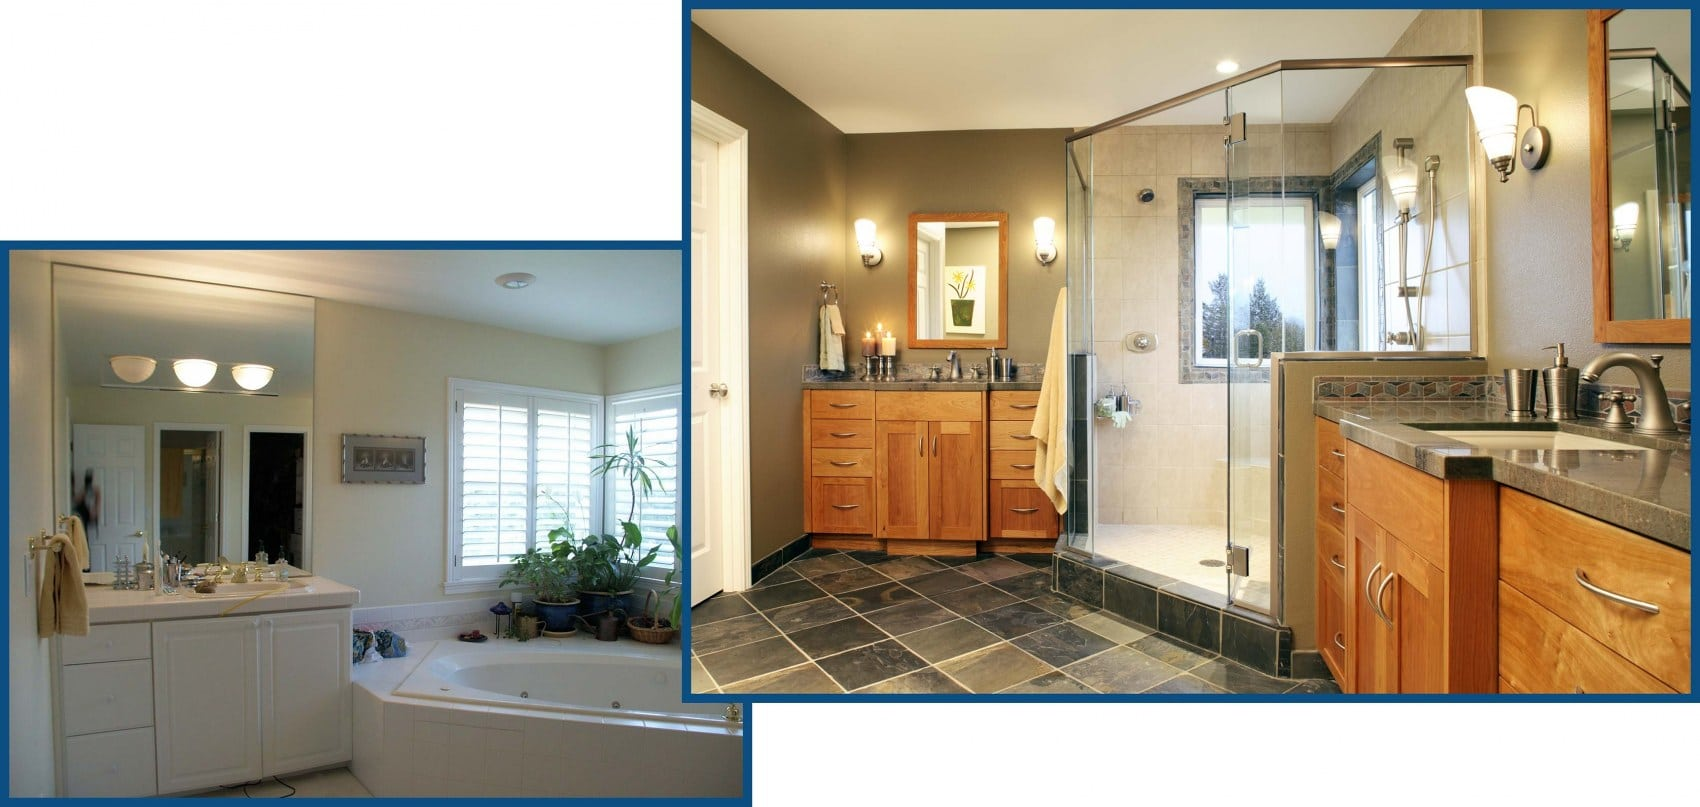 Northwest Portland Bathroom Remodel Design